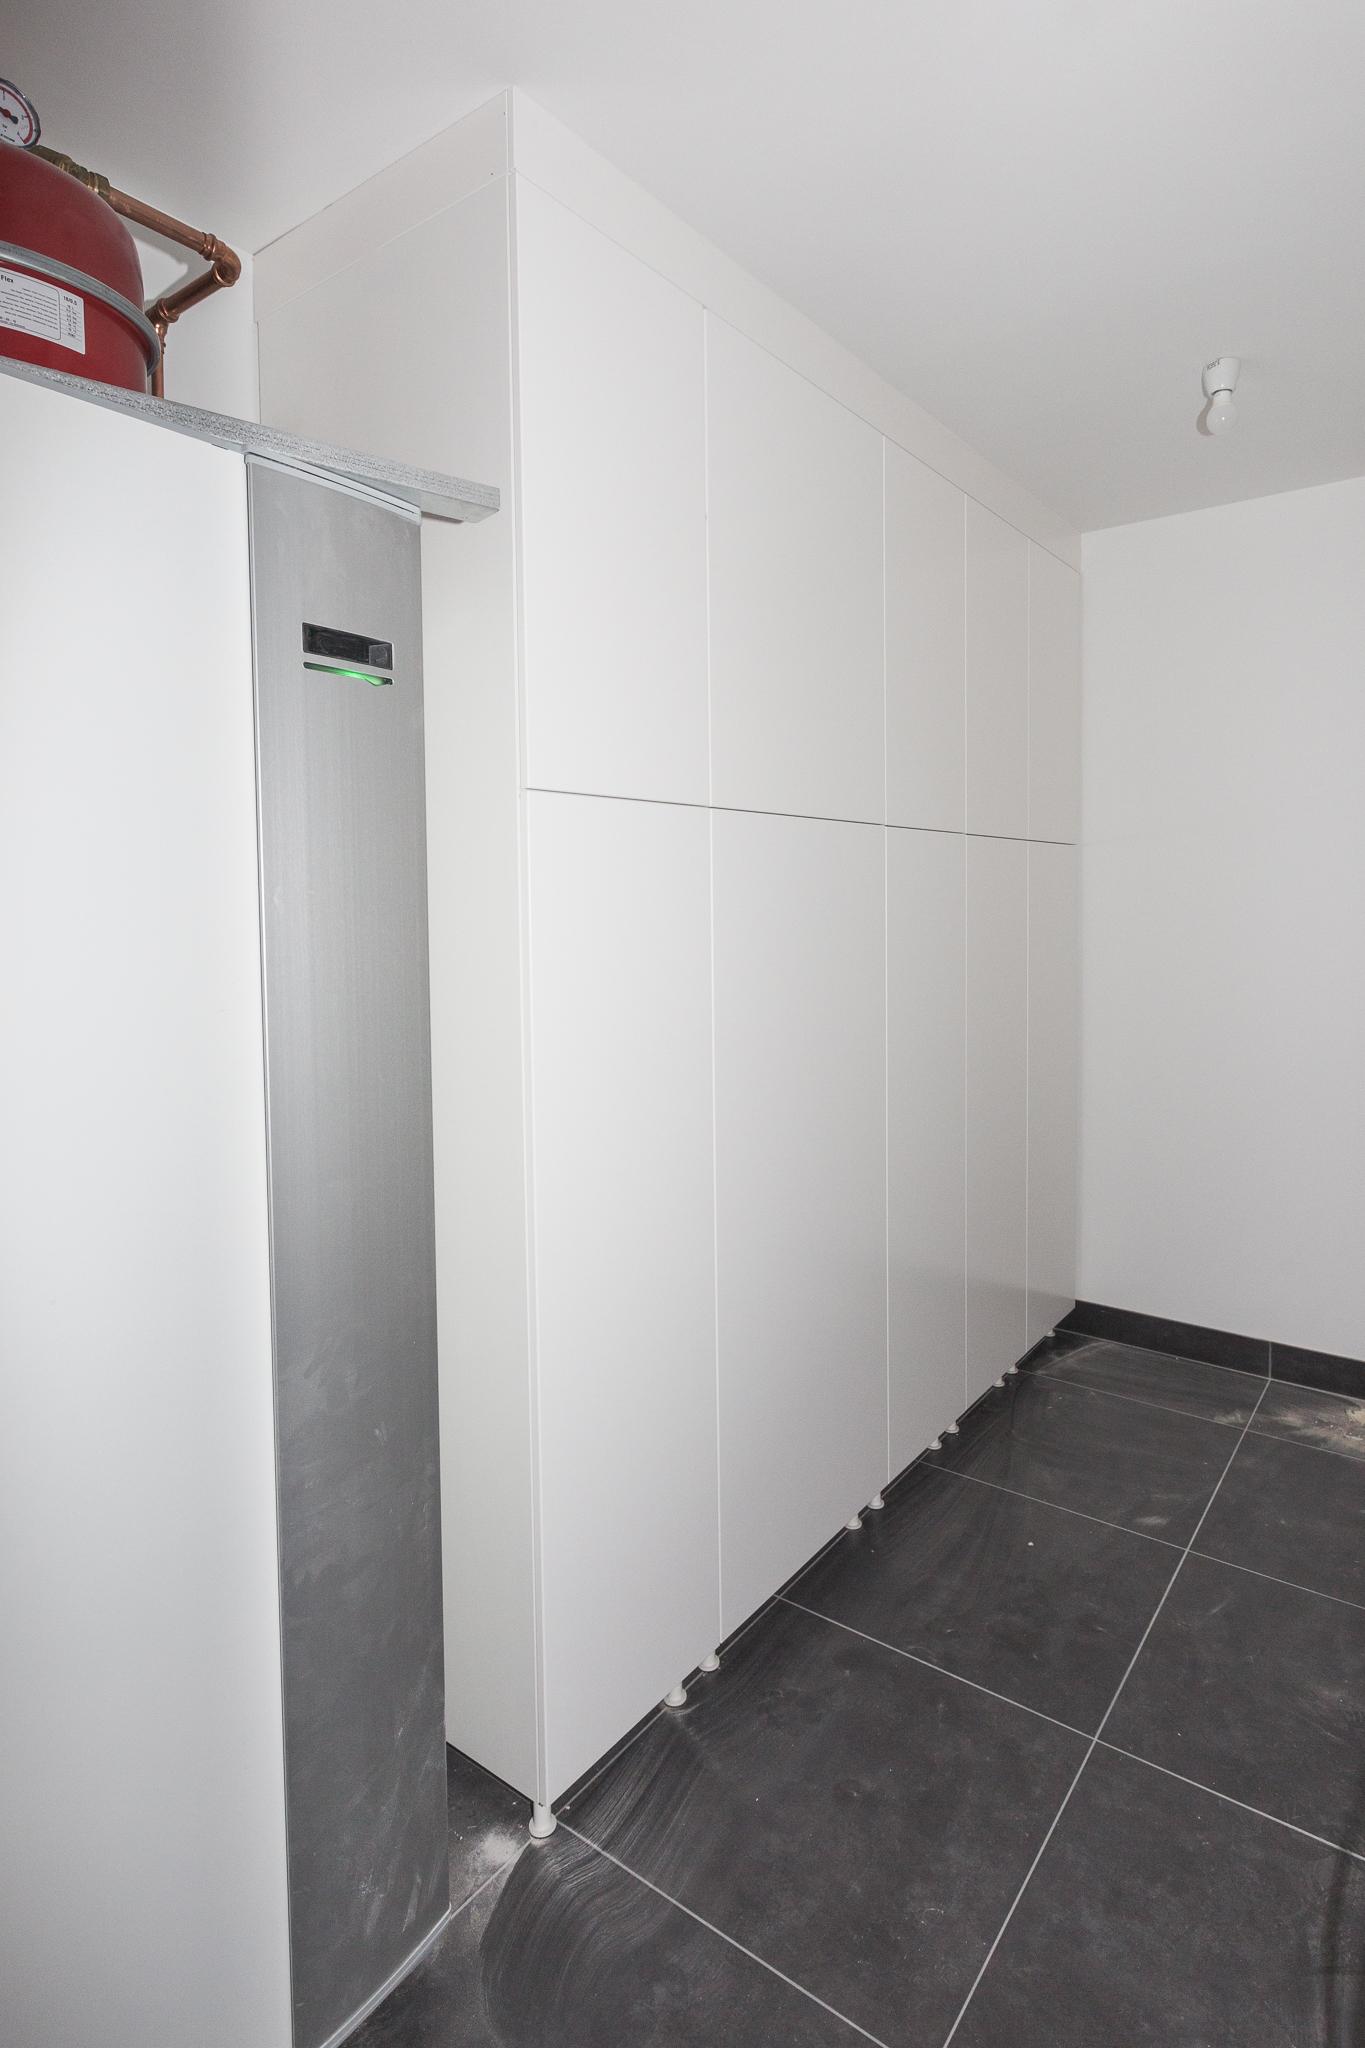 I tvättstugan har nu även garderoberna kommit på plats. I en av dem landar kläderna från tvättnedkastet som går upp i badrummet på övervåningen.